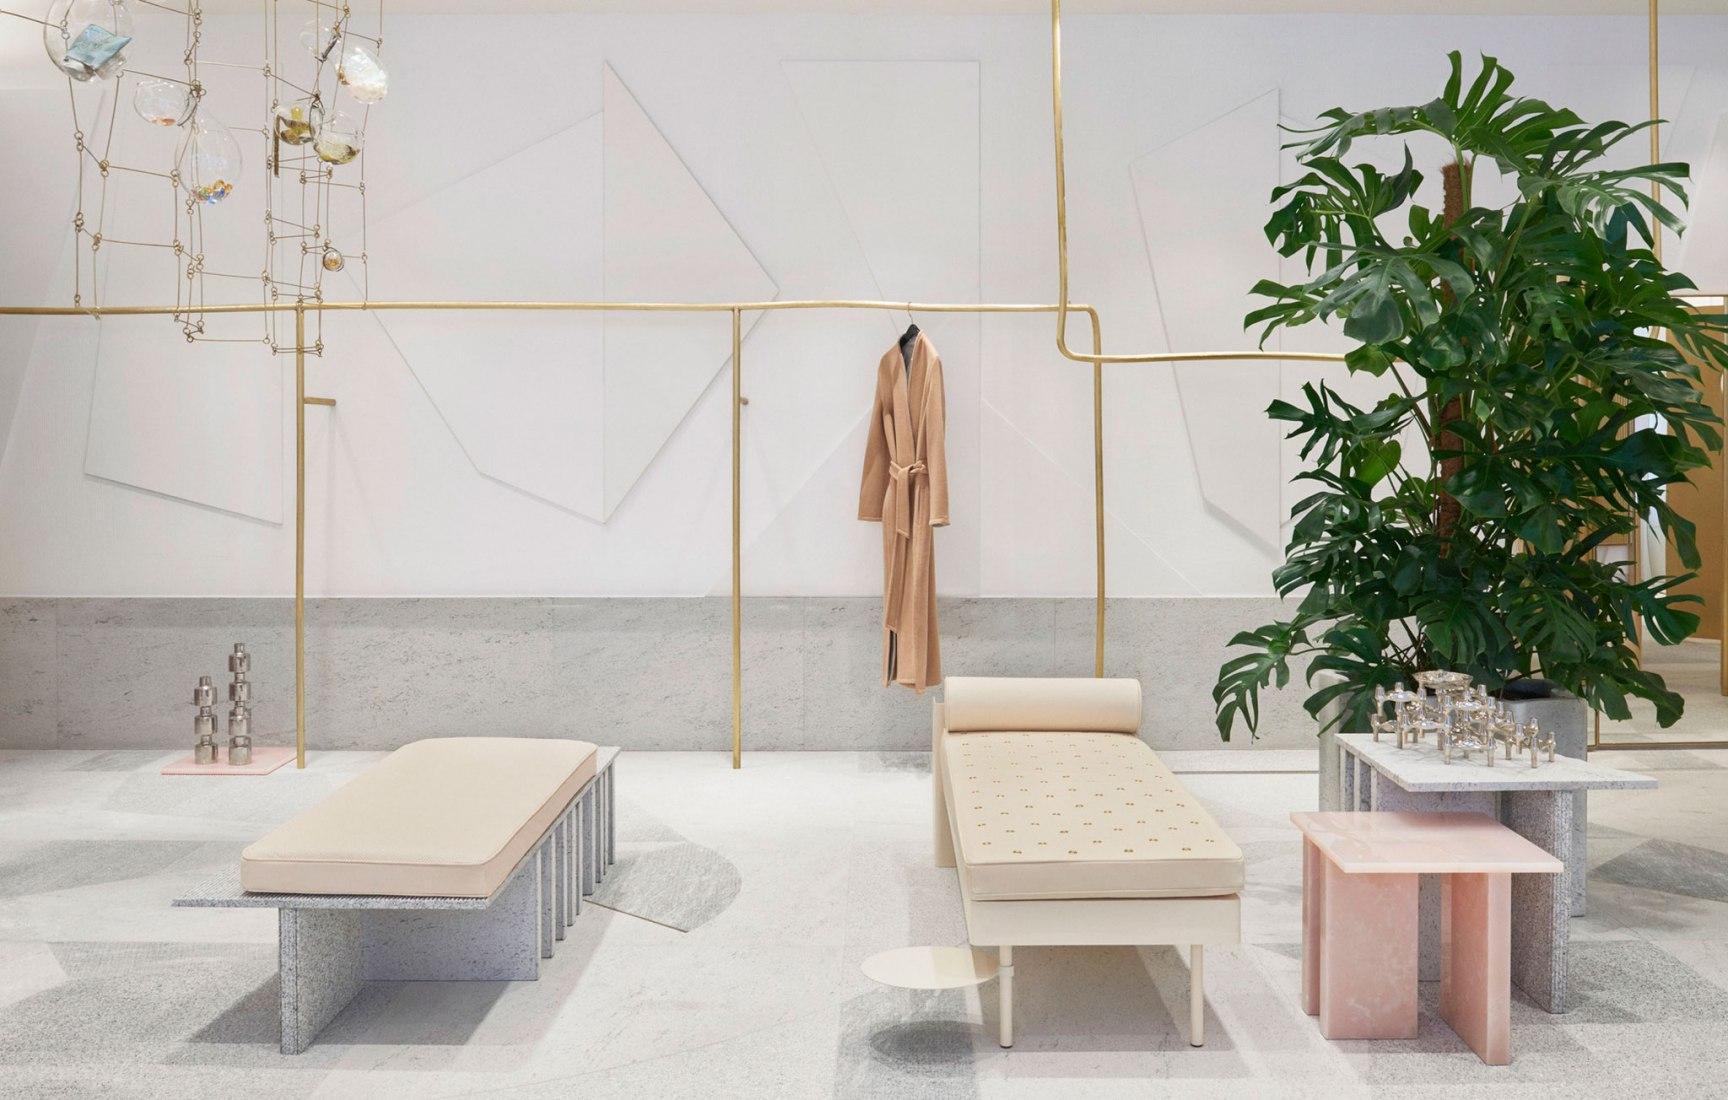 forte_forte nueva boutique en París por Robert Vattilana y Giada Forte. Fotografía por Danilo Scarpati